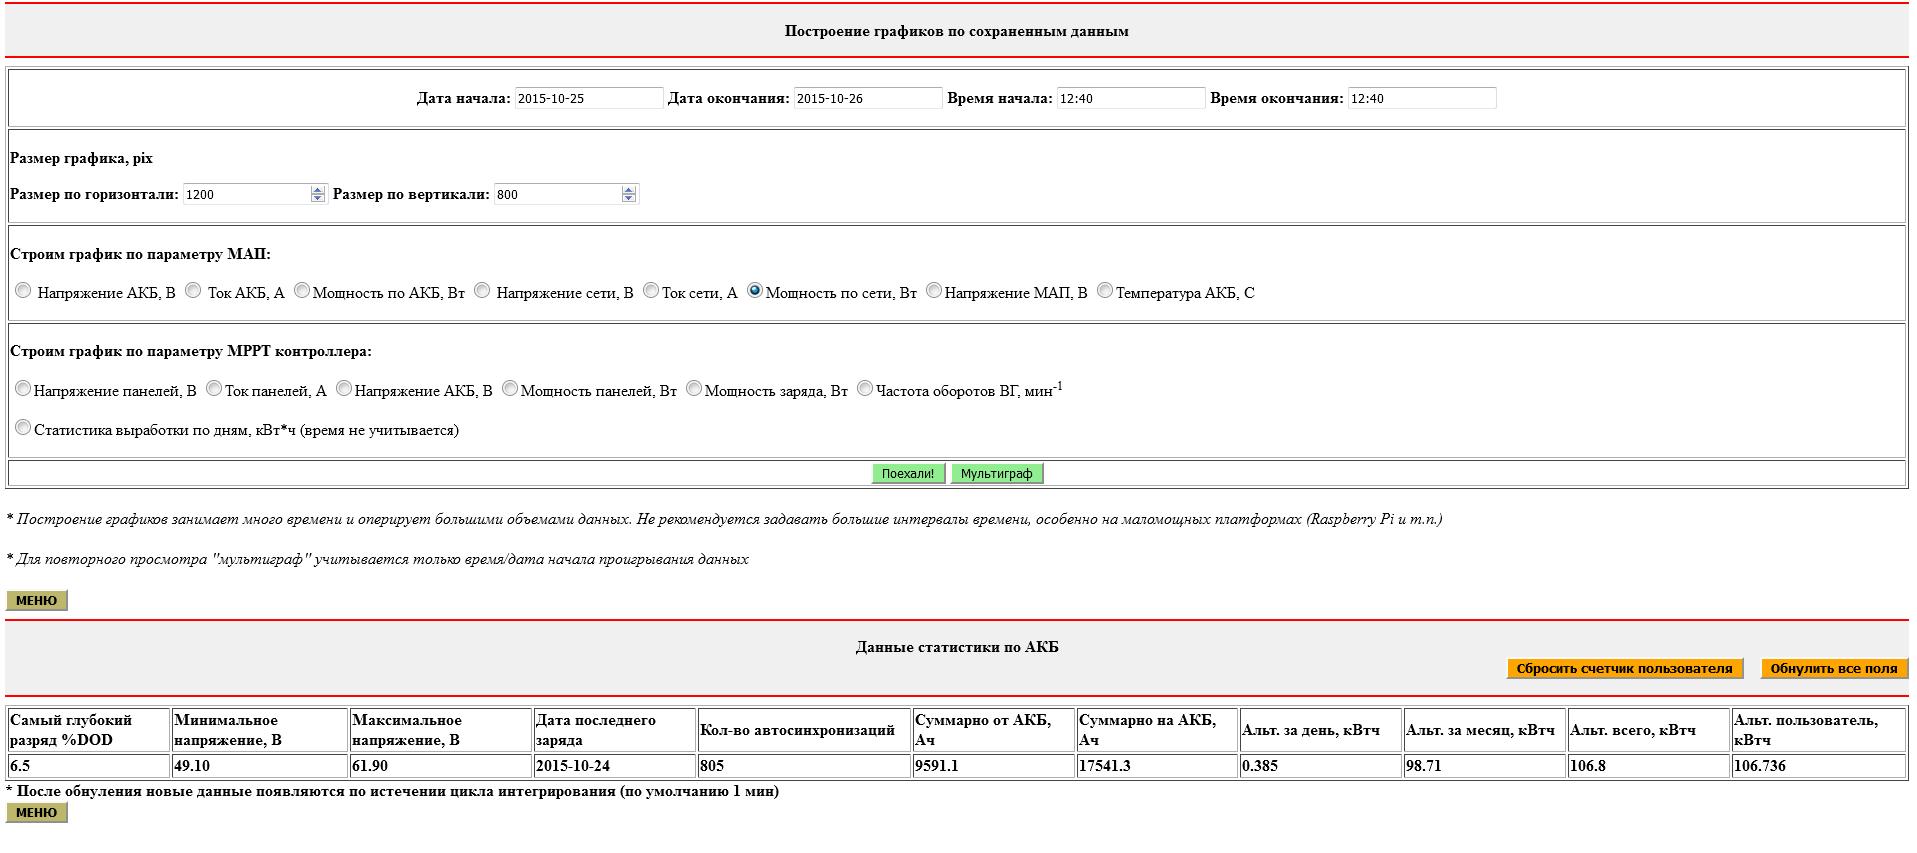 Солнечная энергия: как считать? - 21